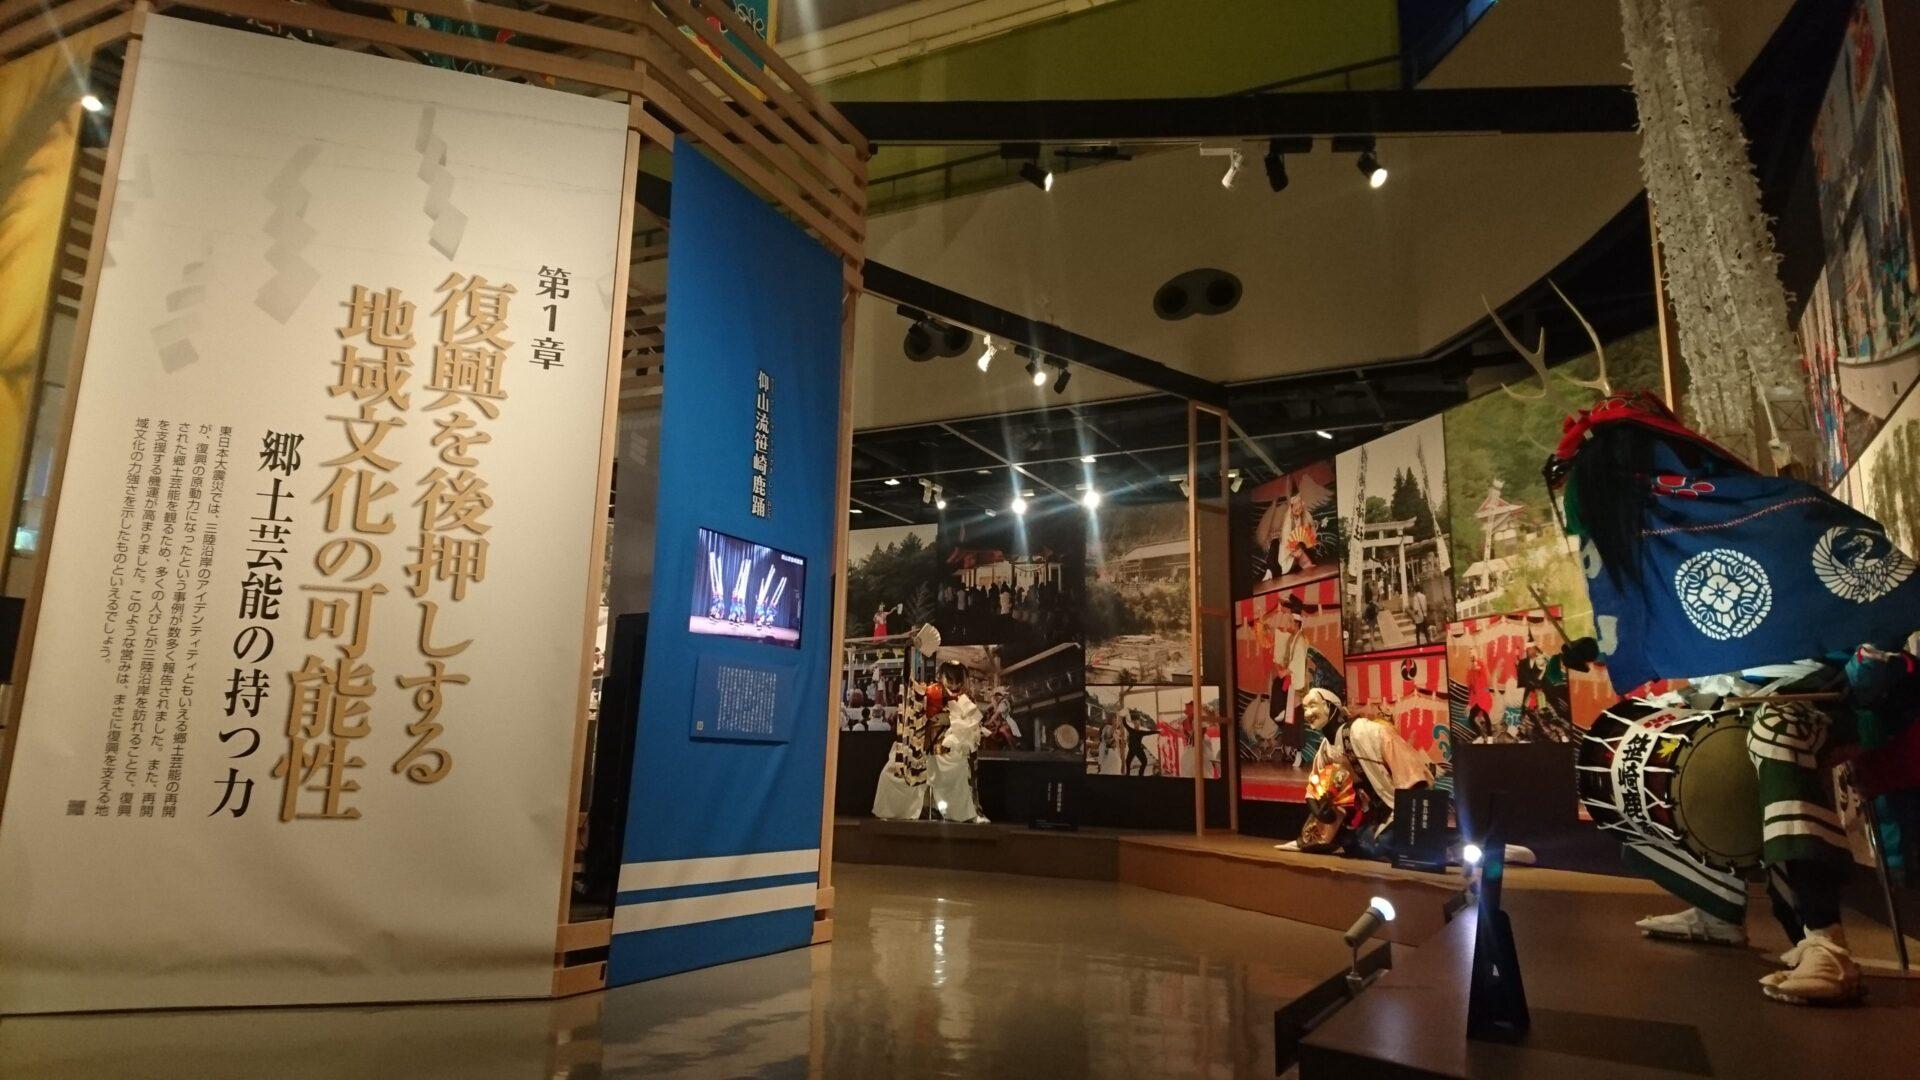 【博物之島新訊】311復興的原動力—日本國立民族學博物館展現支持復興的地方文化